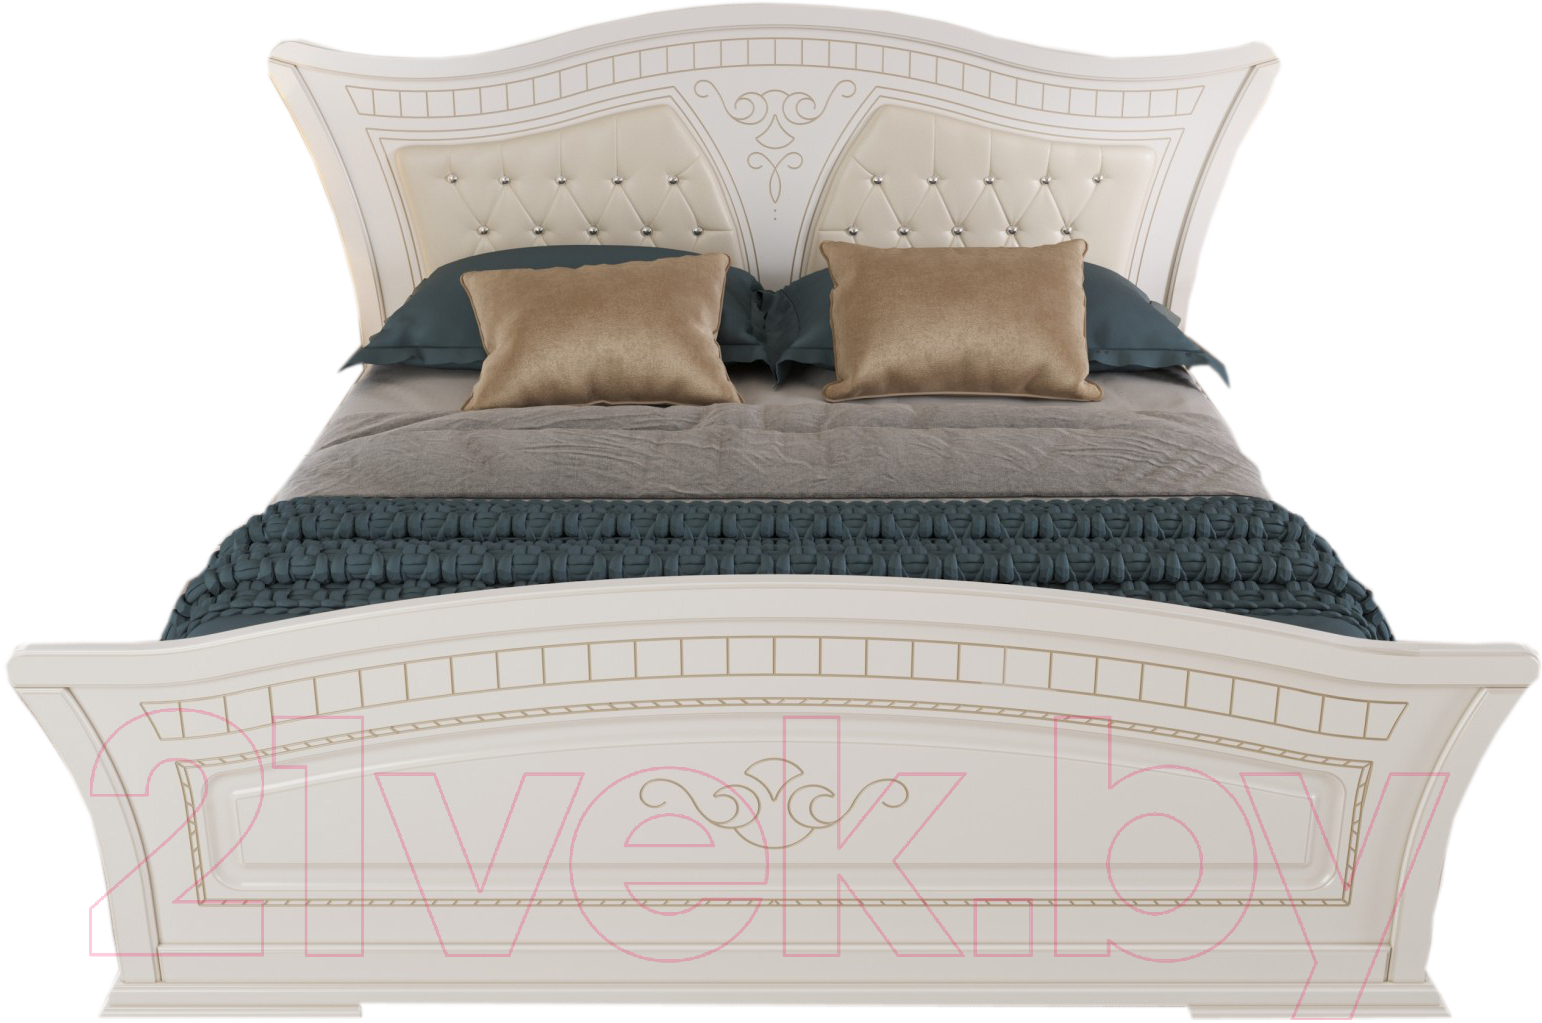 Купить Двуспальная кровать Империал, Каролина с ламелями МИ 180 (белый/золото), Россия